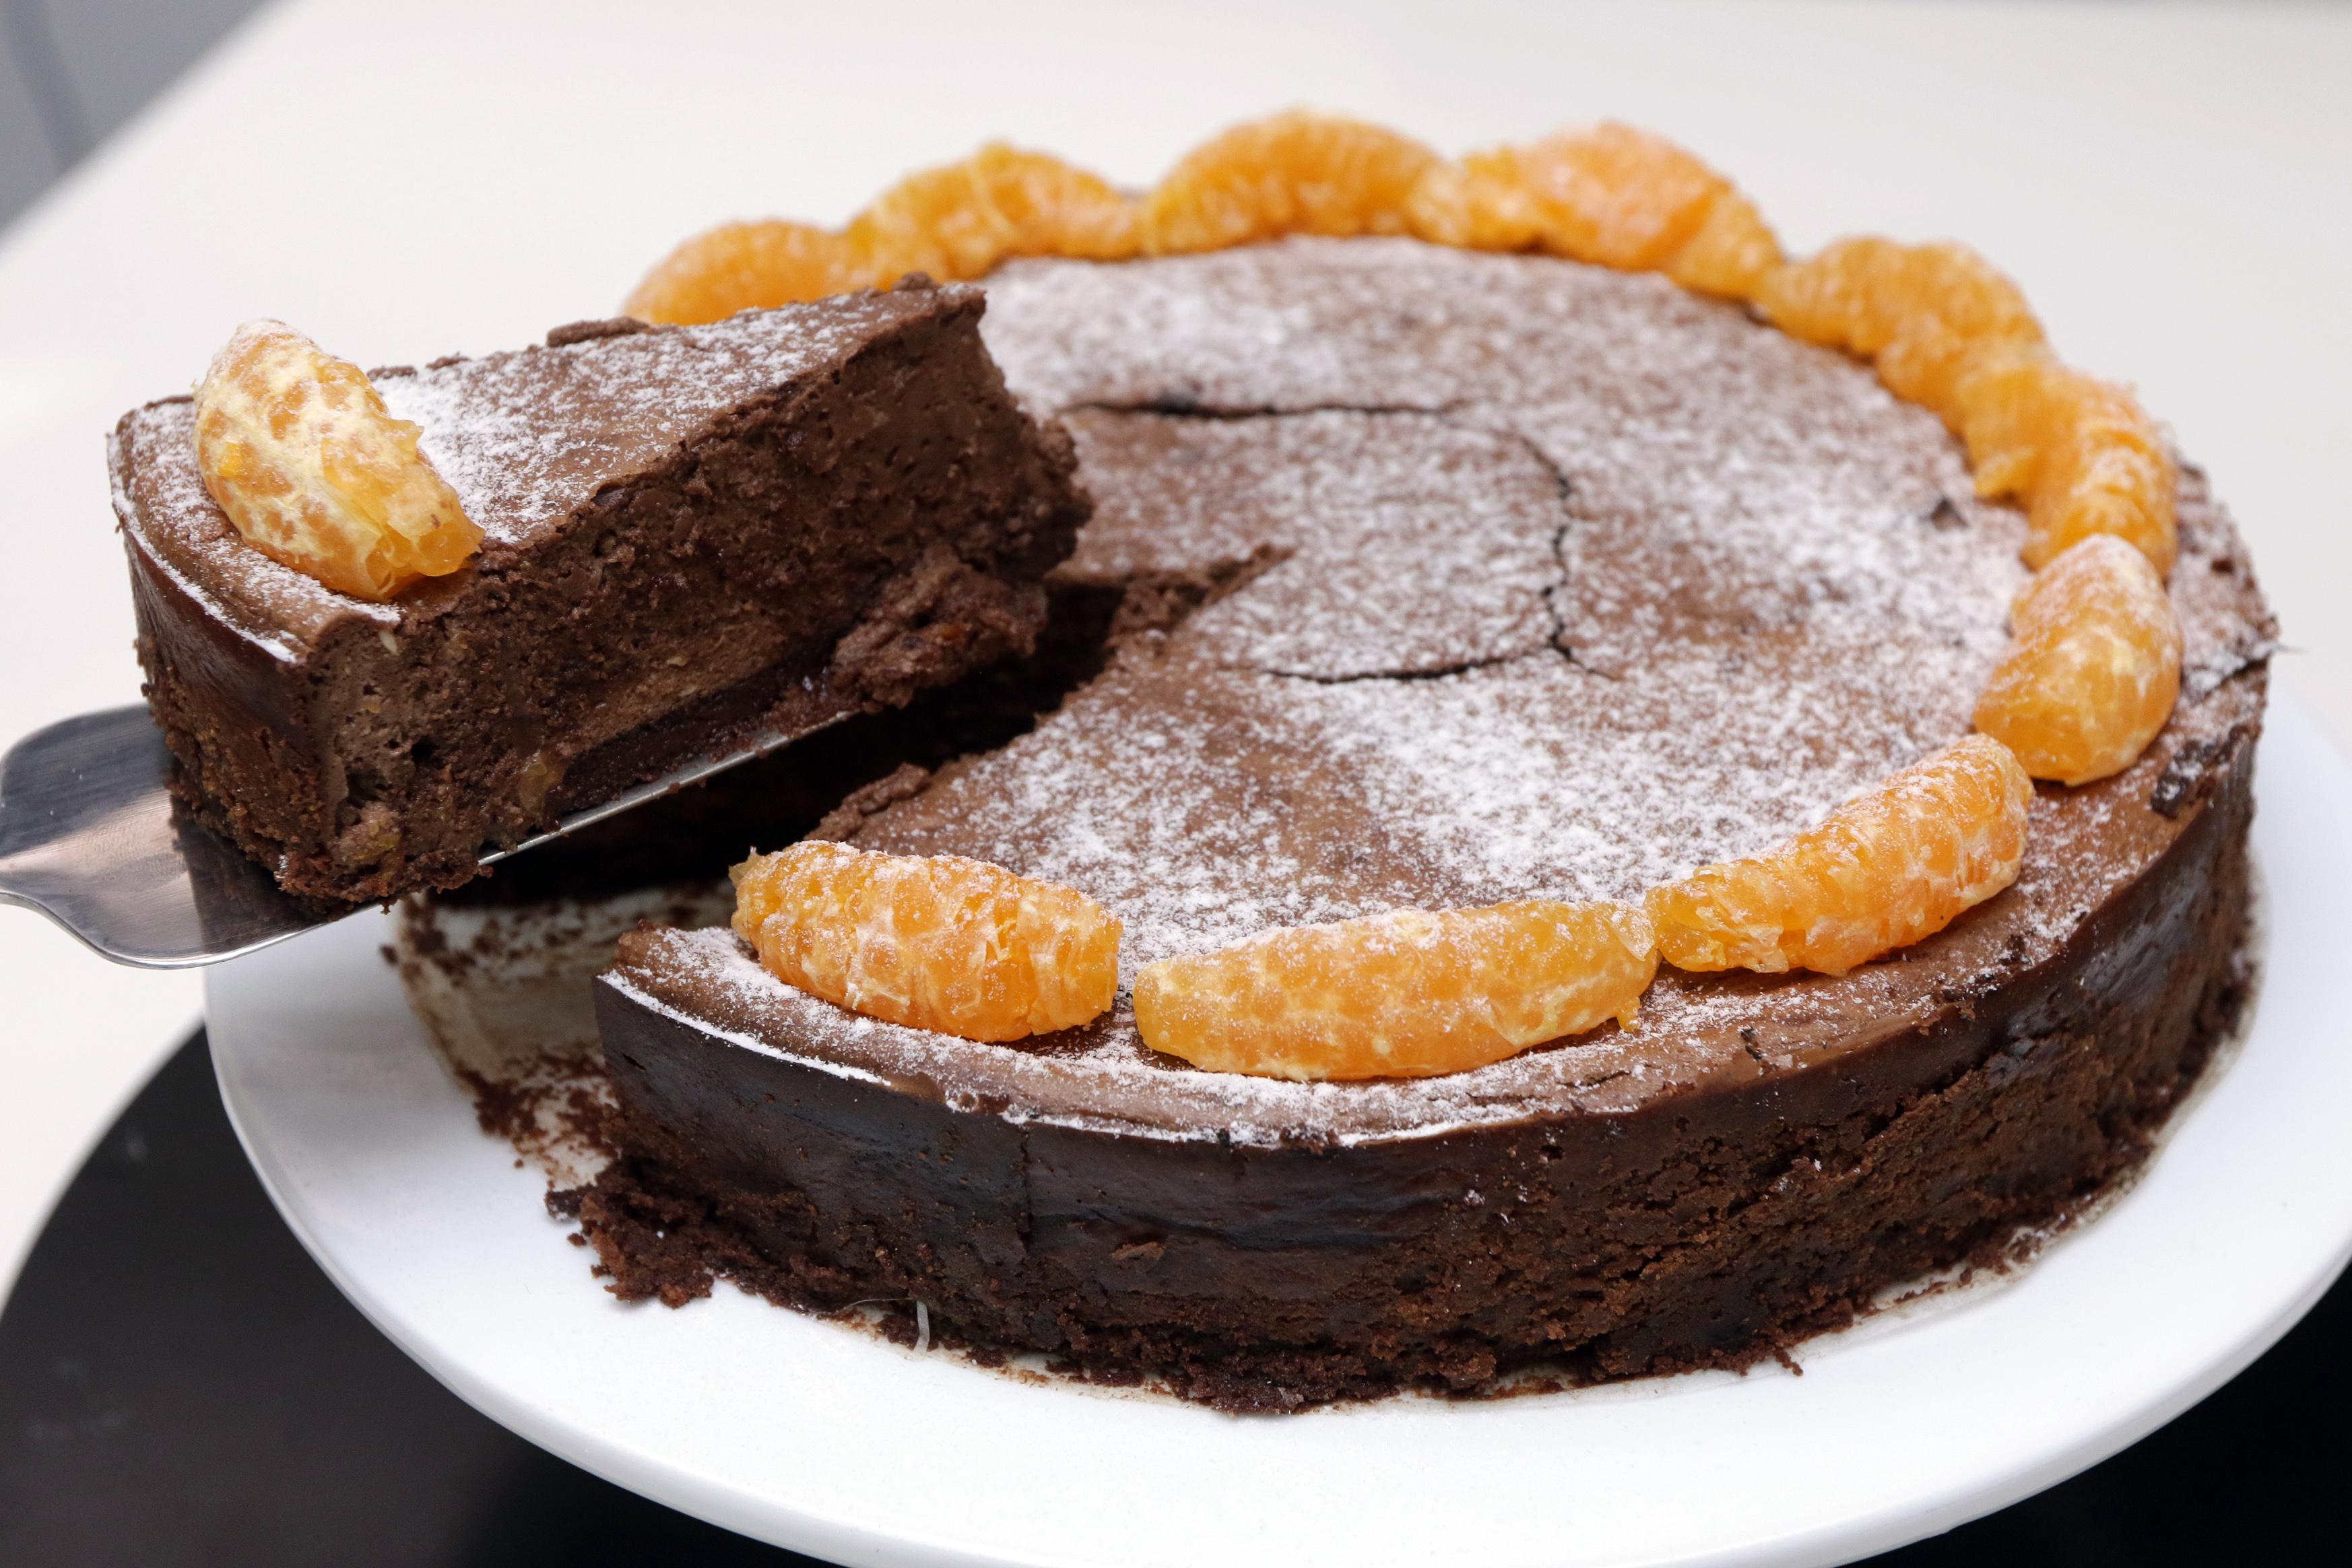 Chocolate cheesecake with mandarin orange